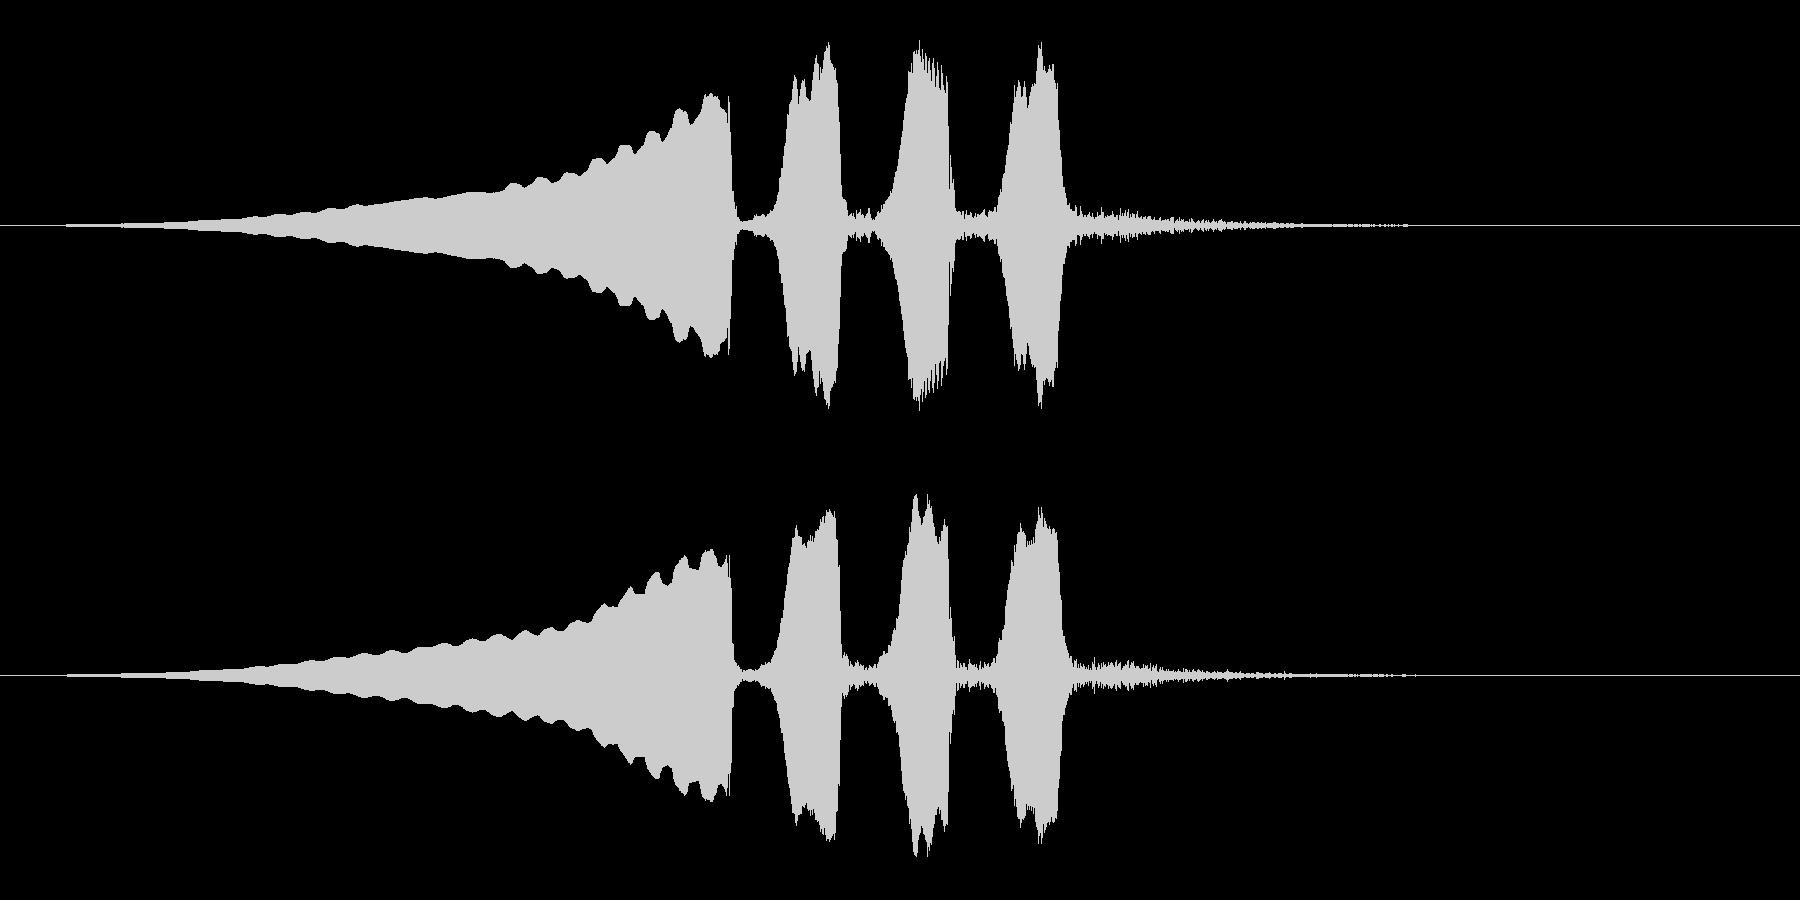 うぐいすの鳴き声 1B ほーほけきょの未再生の波形